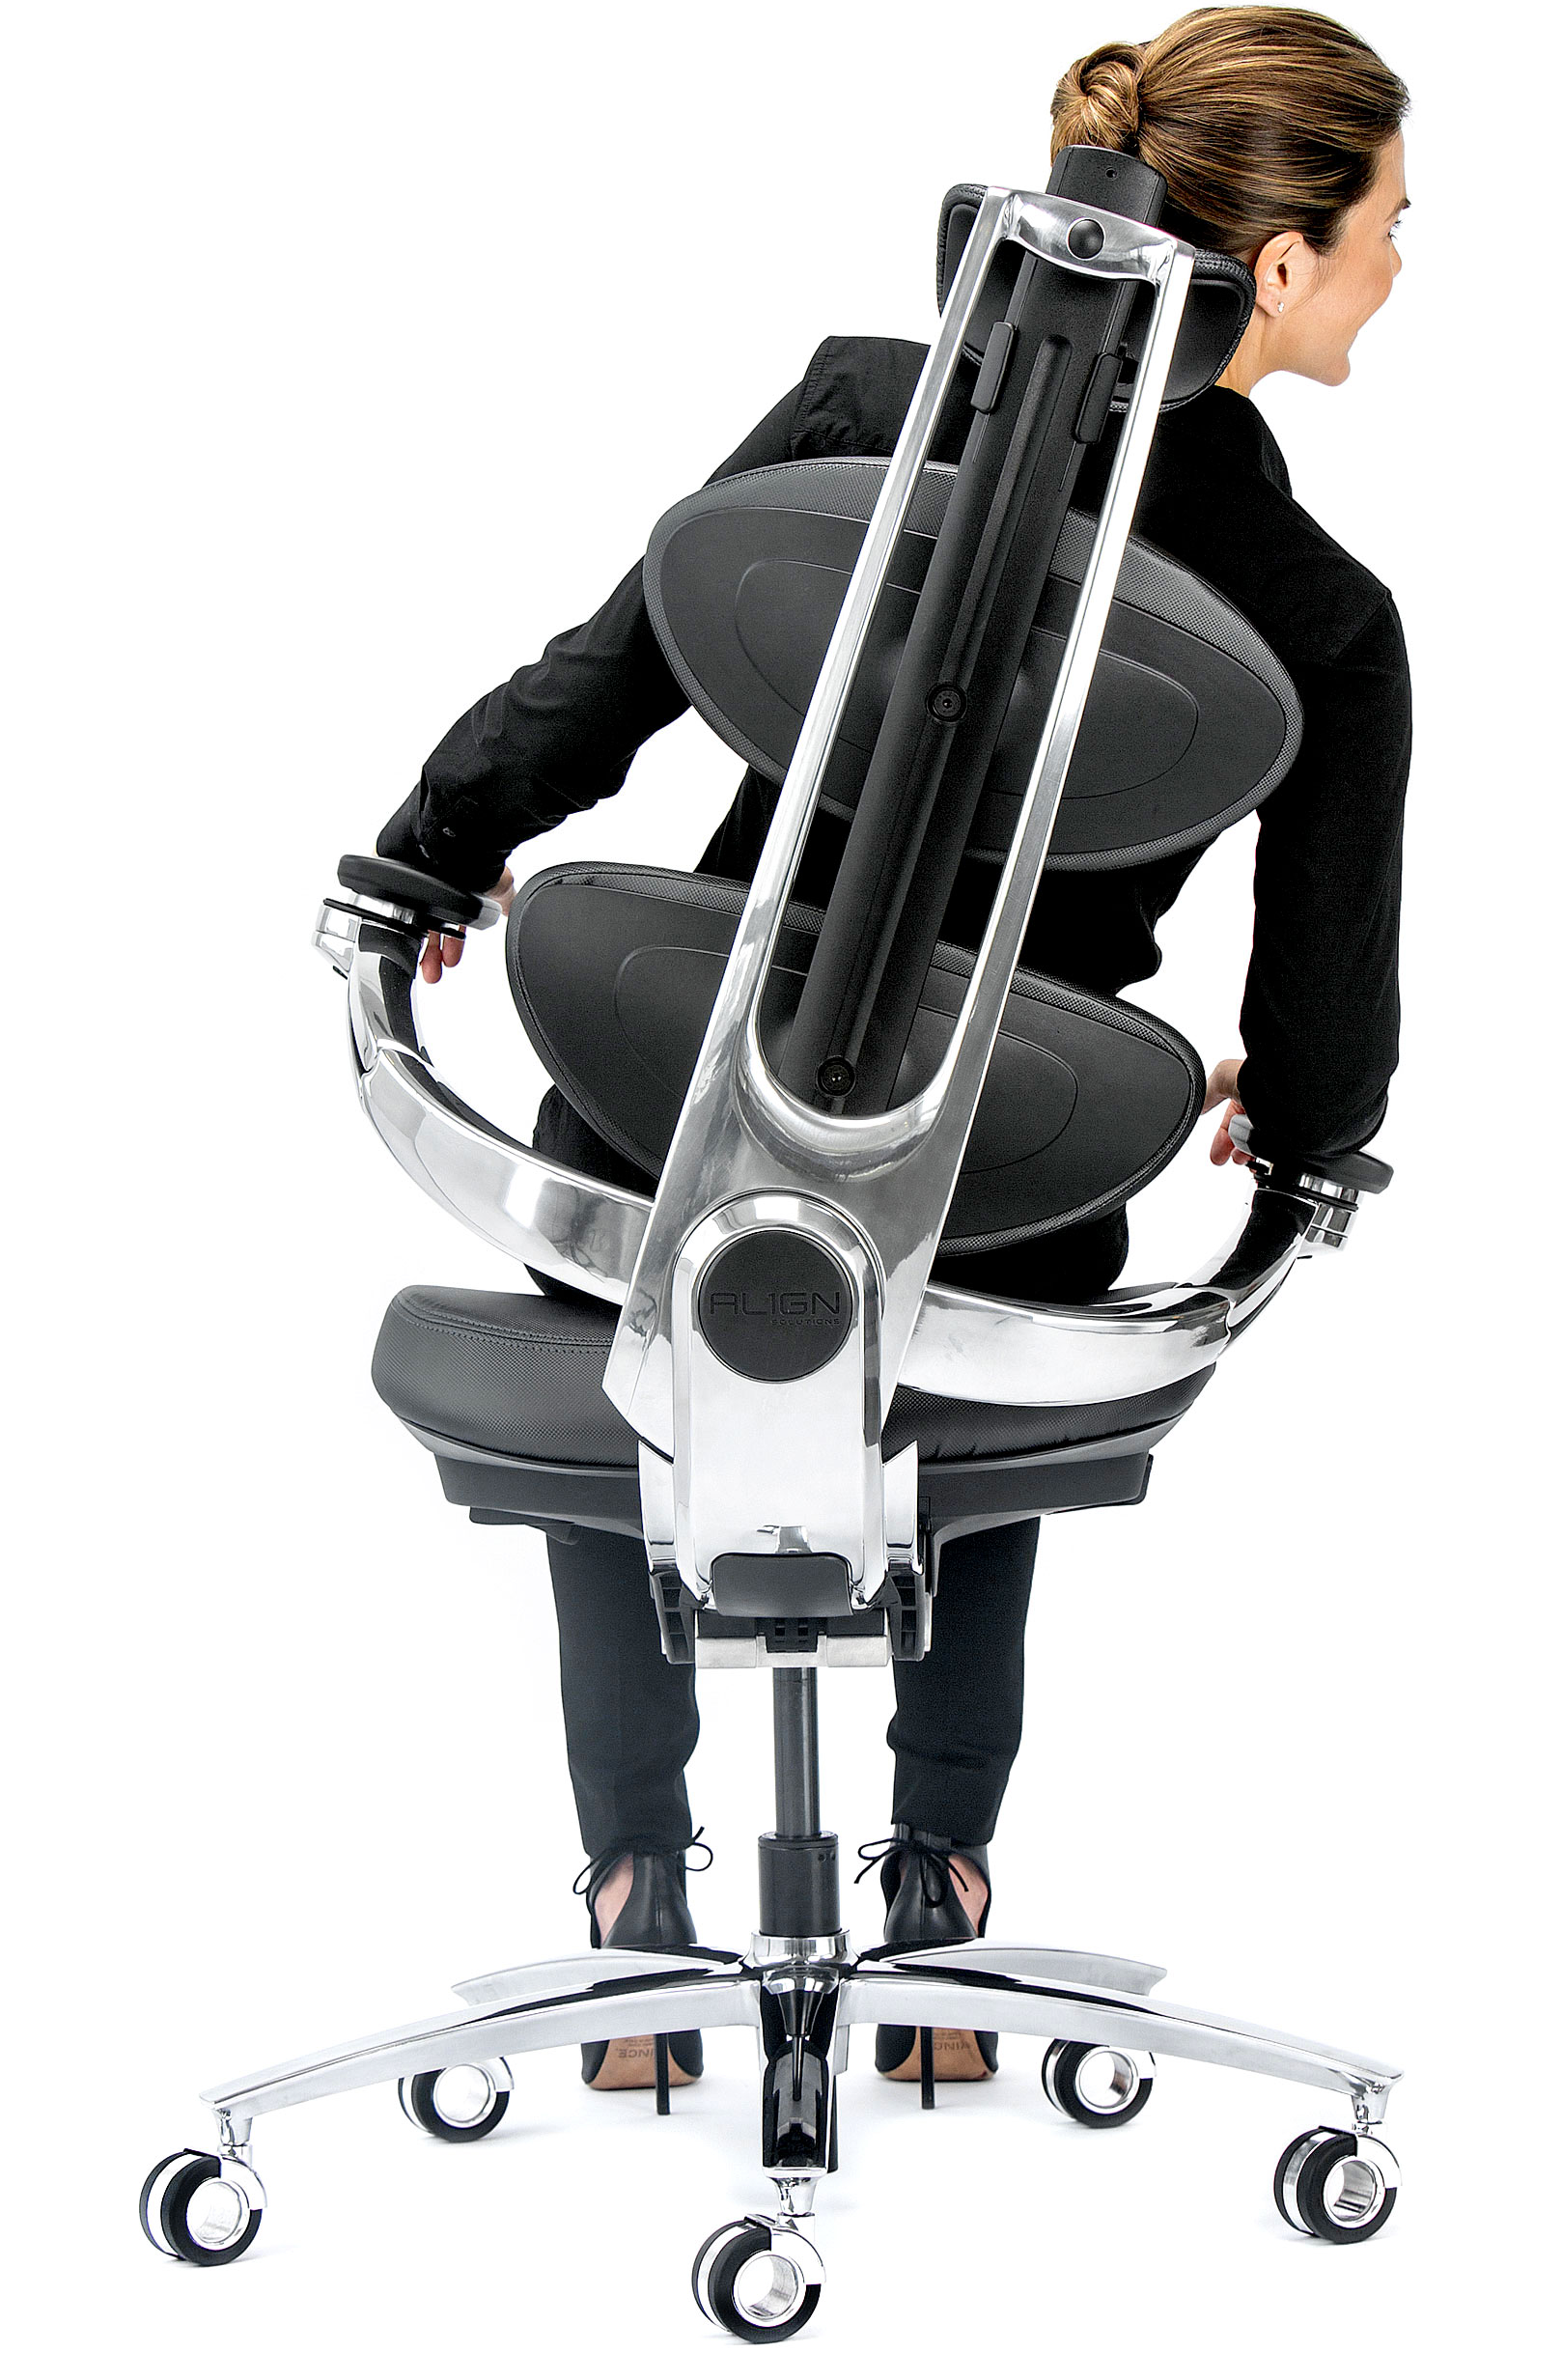 Cuộc cách mạng tiếp theo trong thiết kế chiếc ghế văn phòng MUUV